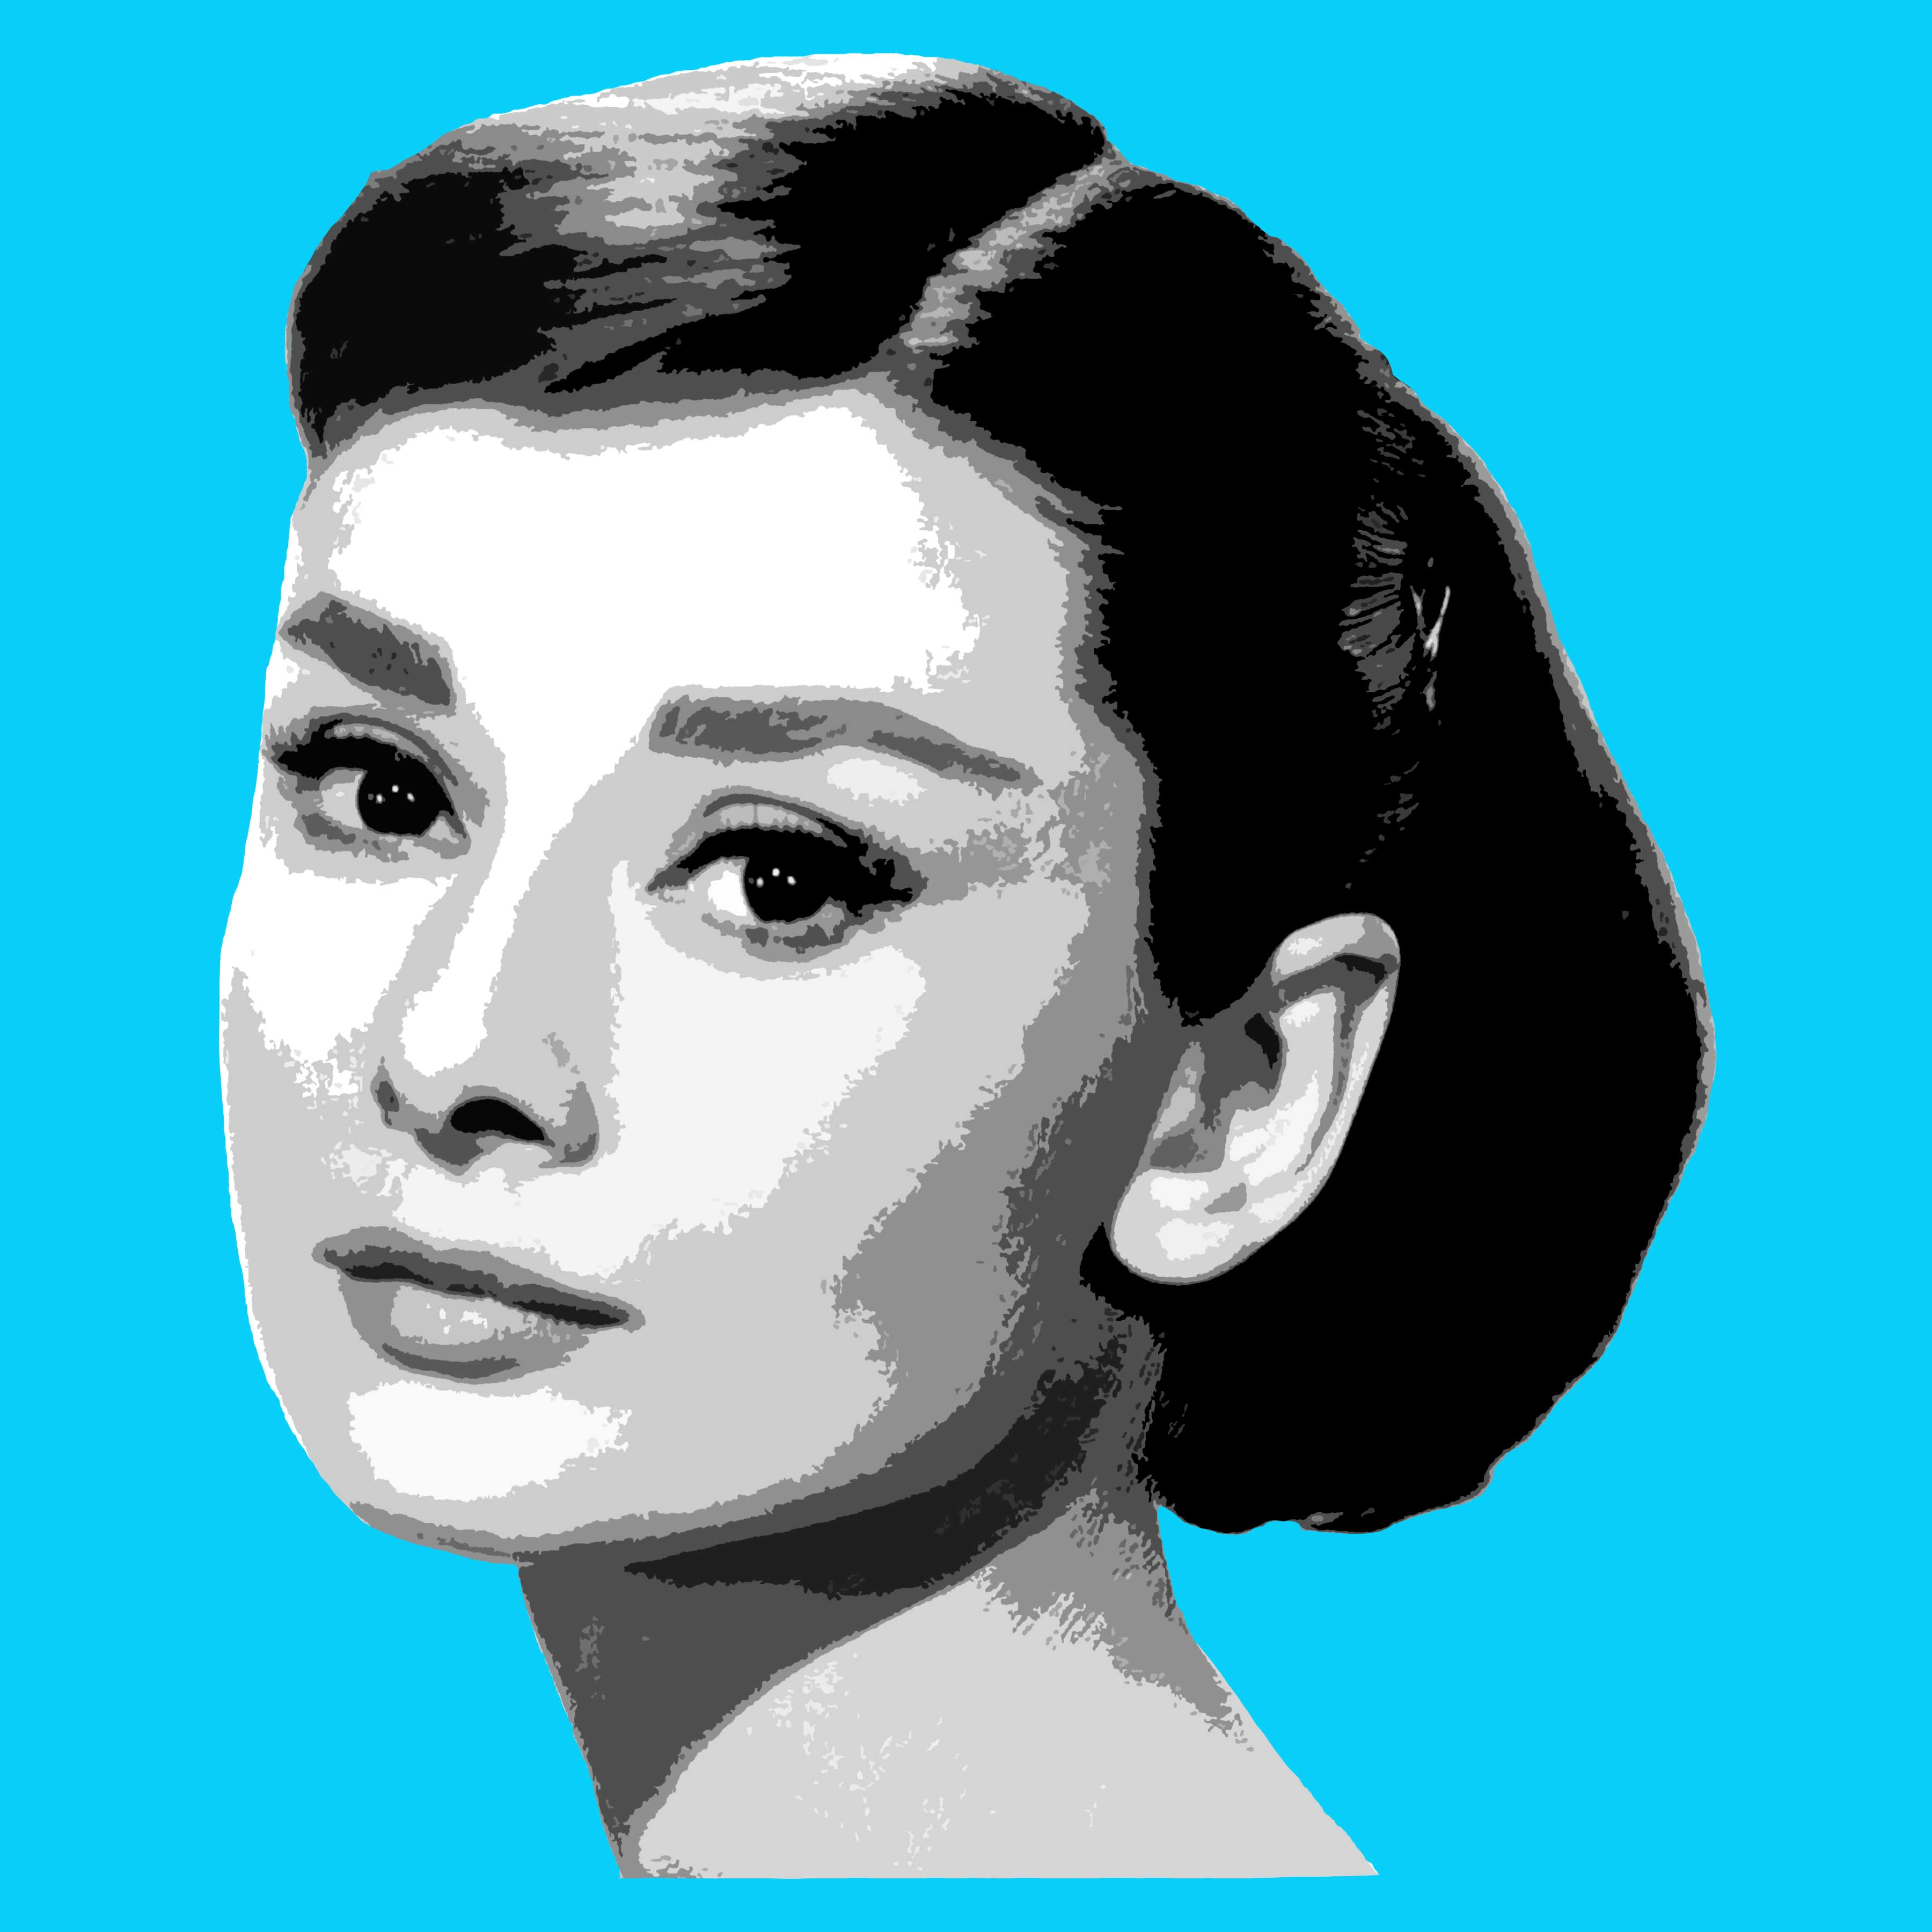 Audrey_Hepburn_Level4